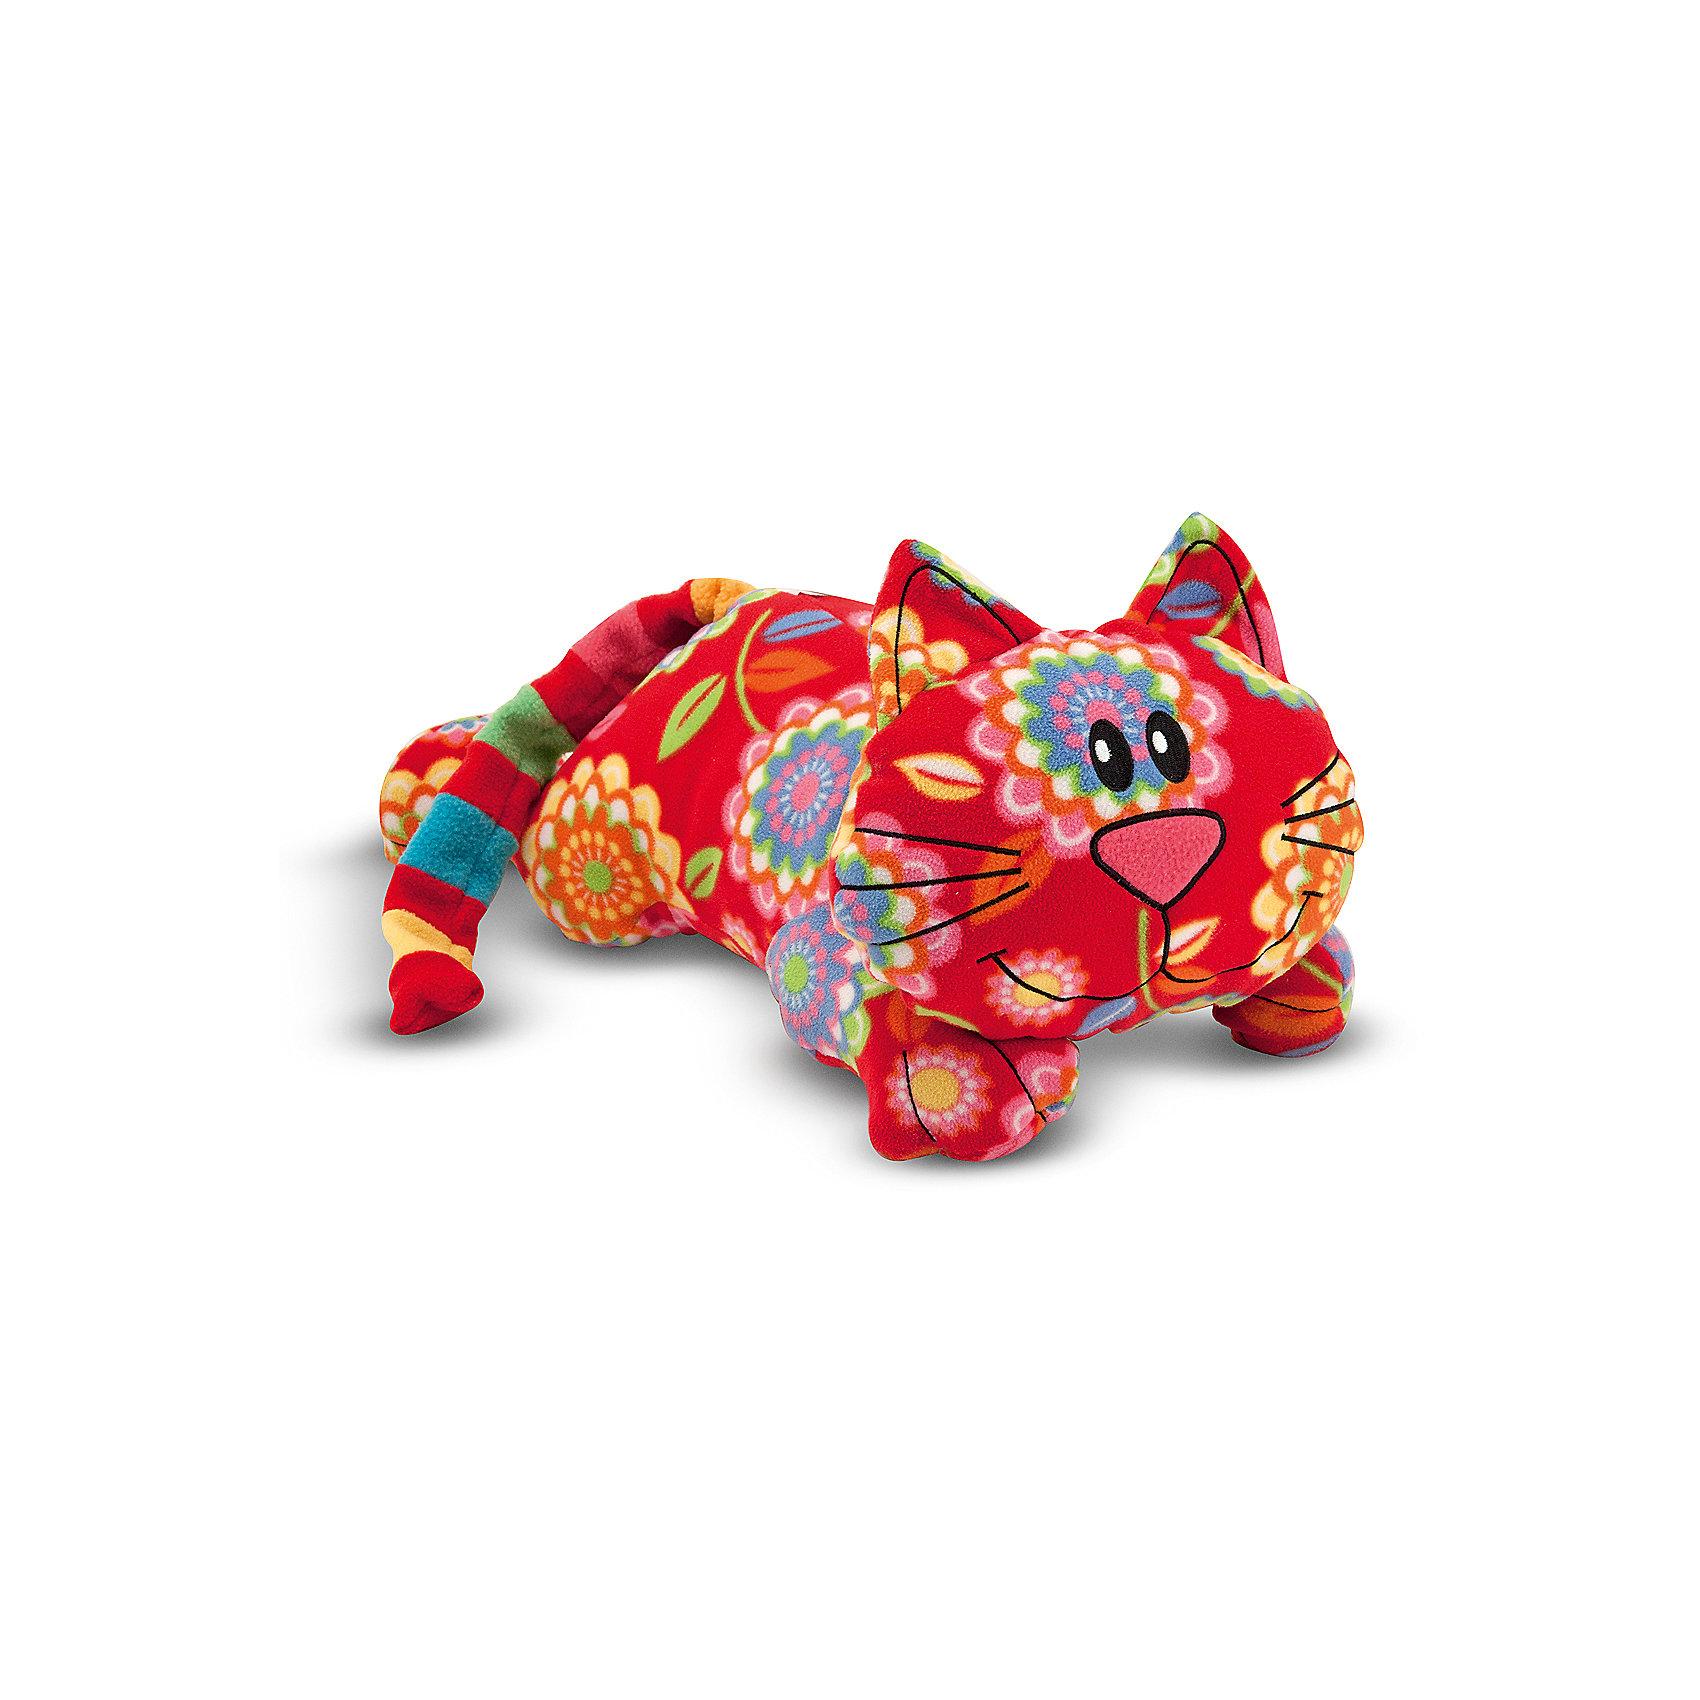 Мягкая игрушка Кот Тоби, Melissa &amp; DougКошки и собаки<br>Мягкая игрушка Кот Тоби, Melissa &amp; Doug (Мелисса и Даг) – это очаровательный веселый котенок необычной расцветки.<br>Этого симпатичного котенка зовут Тоби, у него очаровательная улыбка, яркий полосатый хвостик,  а туловище украшено большими сказочными цветами. Нет никаких пластмассовых деталей - глаза, нос, усы и улыбка котенка – вышитые. Тоби станет настоящим другом Вашего малыша на долгие годы. С таким необычным котенком весело играть и уютно спать в обнимку, его можно брать с собой на прогулку, в гости или в путешествие. Игрушка изготовлена из экологически чистого и безопасного материала.<br><br>Дополнительная информация:<br><br>- Материал: ультрамягкий флис<br>- Размер игрушки: 40 см.<br><br>Мягкую игрушку Кот Тоби, Melissa &amp; Doug (Мелисса и Даг) можно купить в нашем интернет-магазине.<br><br>Ширина мм: 400<br>Глубина мм: 250<br>Высота мм: 200<br>Вес г: 113<br>Возраст от месяцев: 36<br>Возраст до месяцев: 192<br>Пол: Унисекс<br>Возраст: Детский<br>SKU: 4005812